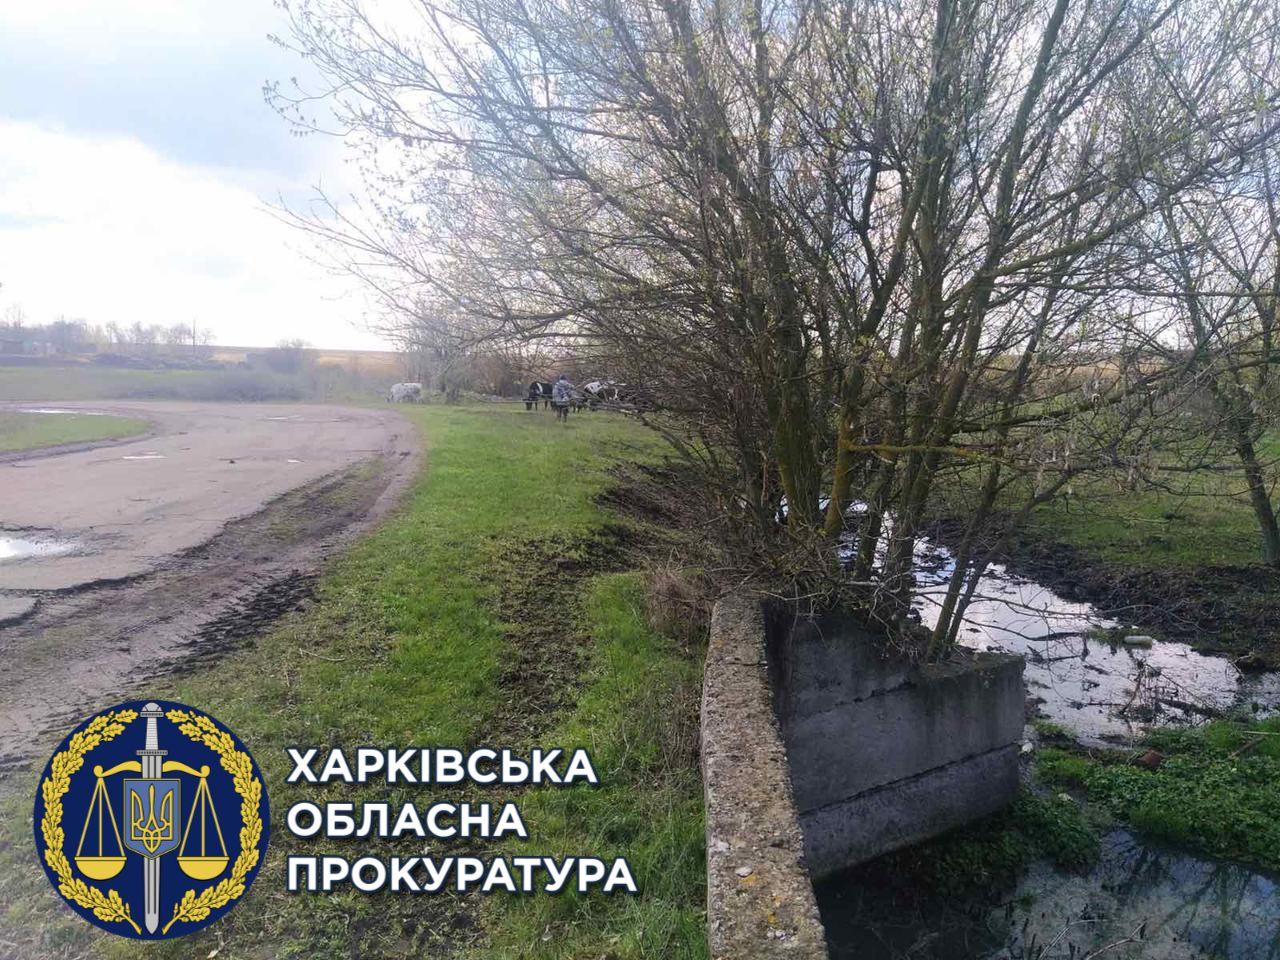 На Харьковщине начали расследование по факту загрязнения воды исправительной колонией (фото)